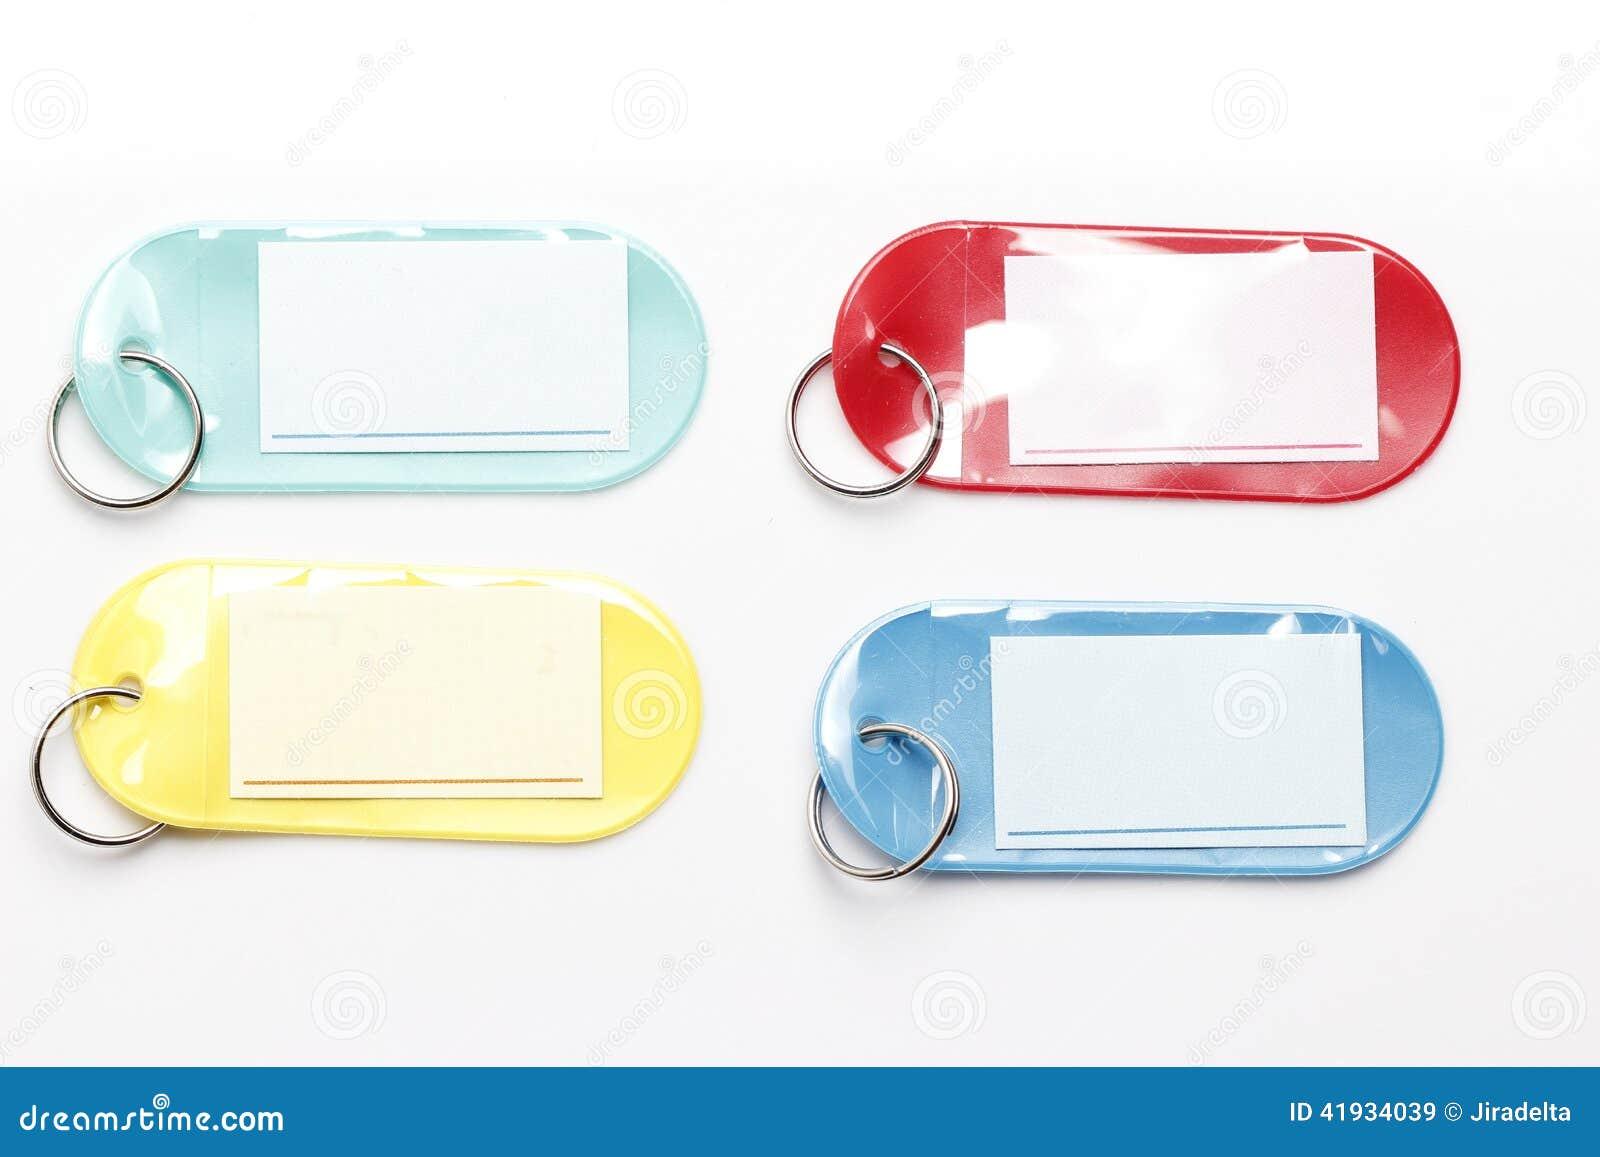 busca lo mejor descuento de venta caliente 100% autentico Etiquetas Plásticas Coloridas Imagen de archivo - Imagen de ...